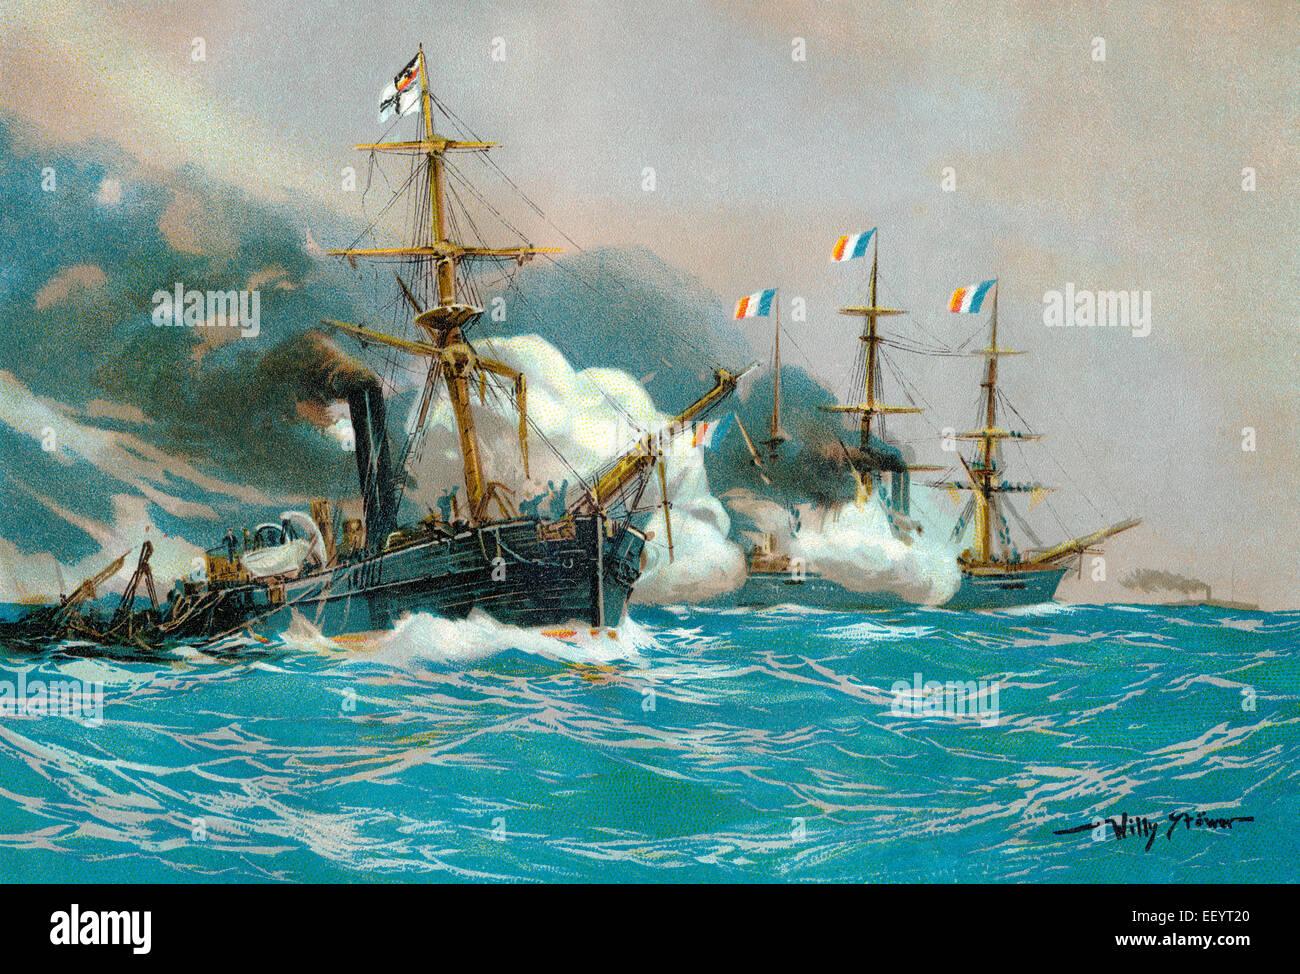 Par Willy Stöwer peinture historique, Bataille navale de la canonnière à vapeur du Chamaeleon-classe Photo Stock